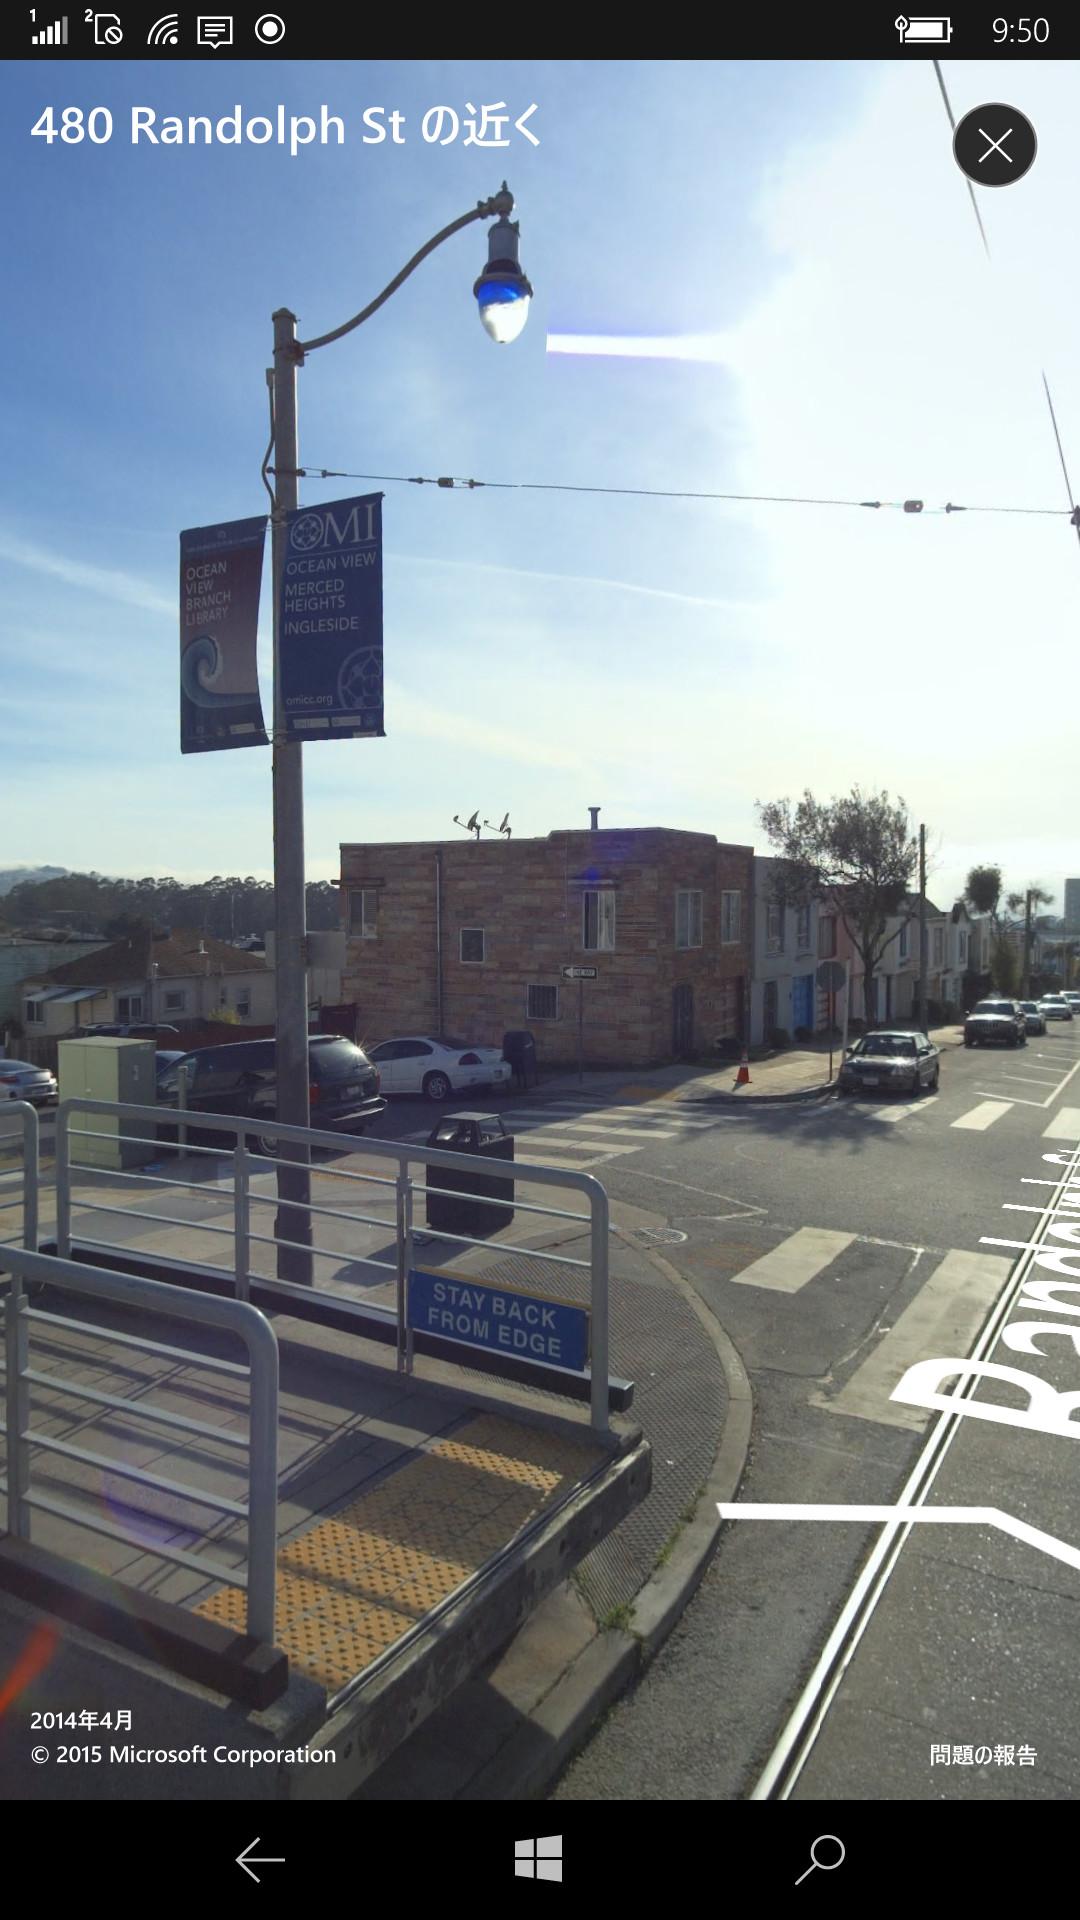 サポートしている道路を長押しすると、周辺の写真が現れる。Googleのストリートビューと同じく画像をスクロールさせて左右を見渡せるほか、ダブルタップで道路上を移動可能